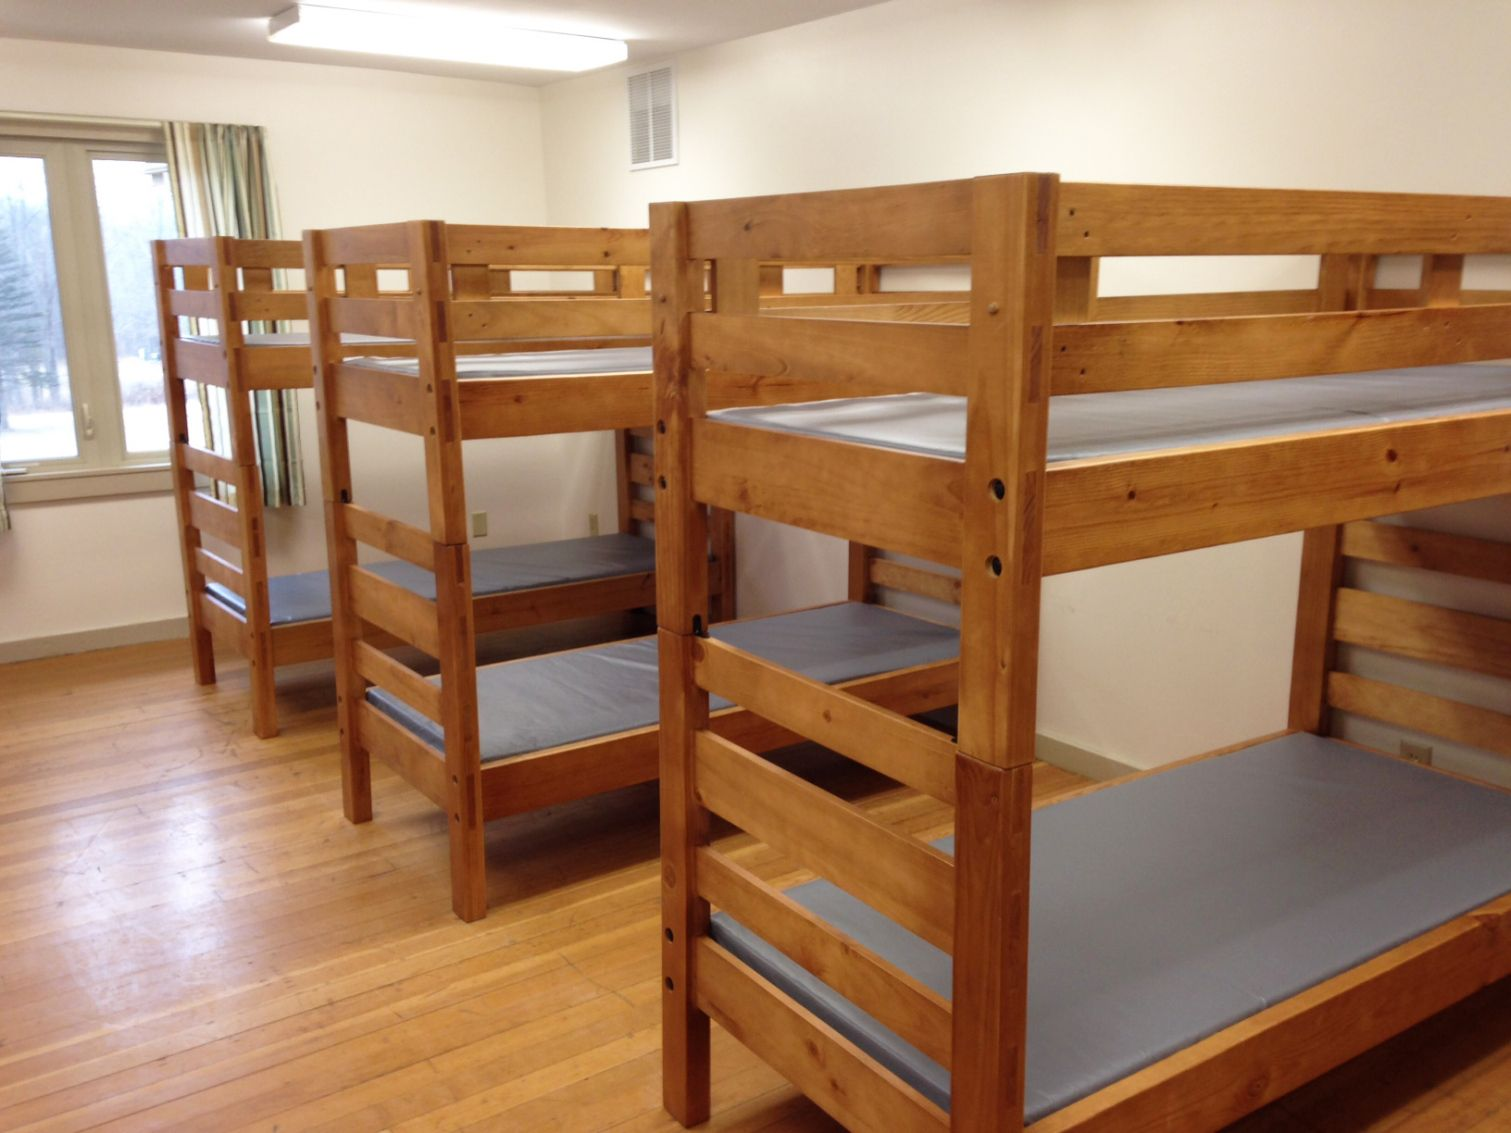 Schlafzimmerdesign, Schlafzimmer Innengestaltung, Modernes  Schlafzimmer Design, Etagenbetten Für Verkauf, Schlafzimmer Einrichtung,  Schlafzimmerdeko, ...